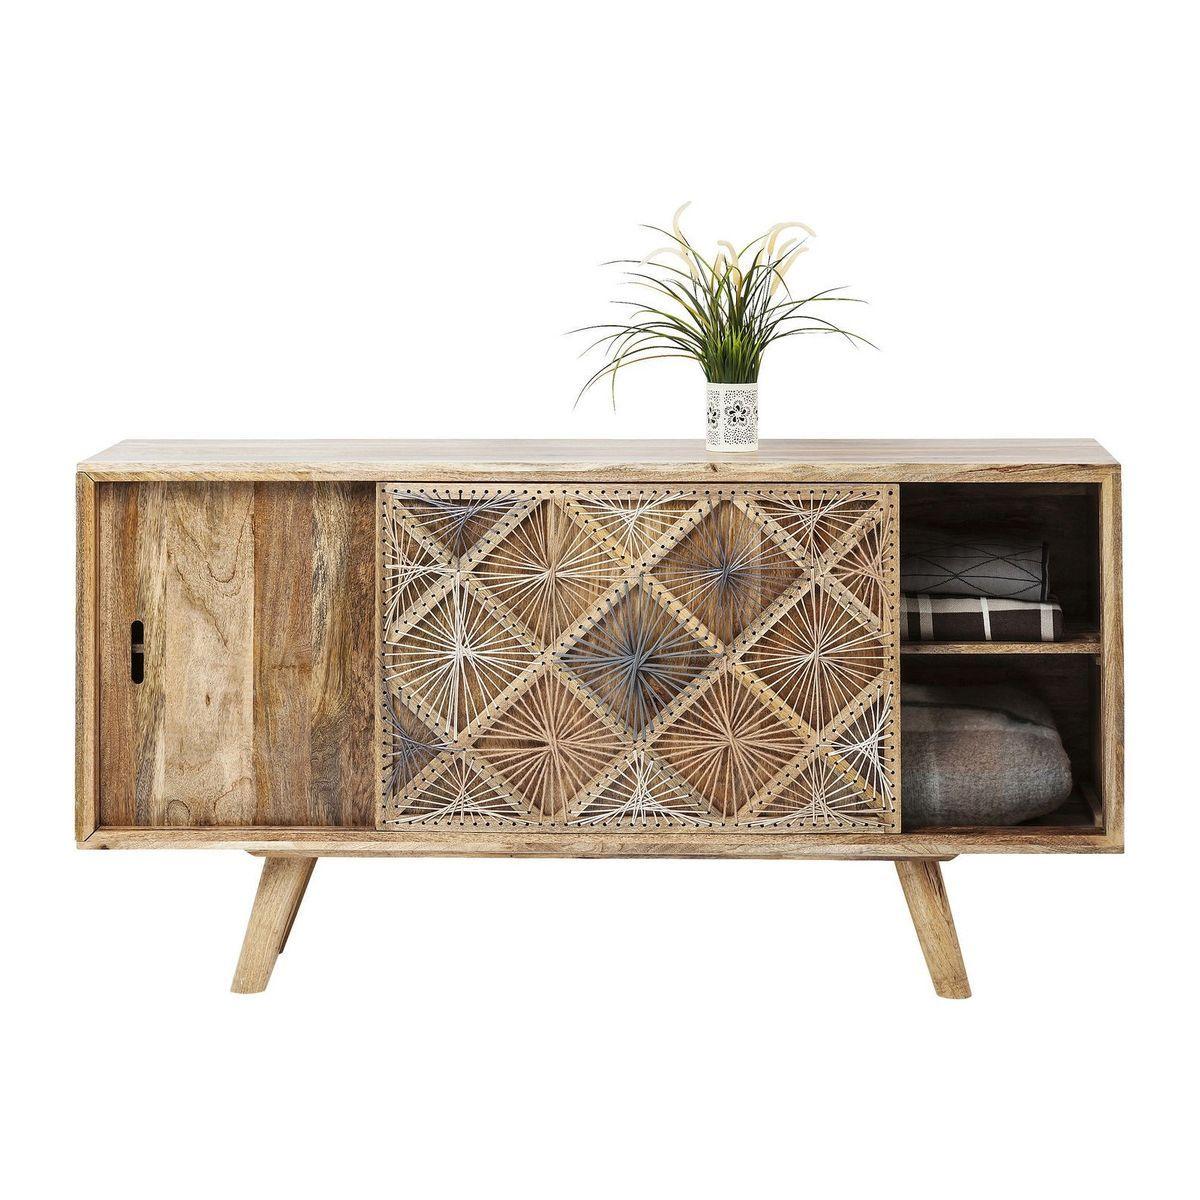 Buffet Coachella Nature Kare Design Bois Fonce Kare Design La Redoute Mobilier Maison Vaisselier Deco Salon